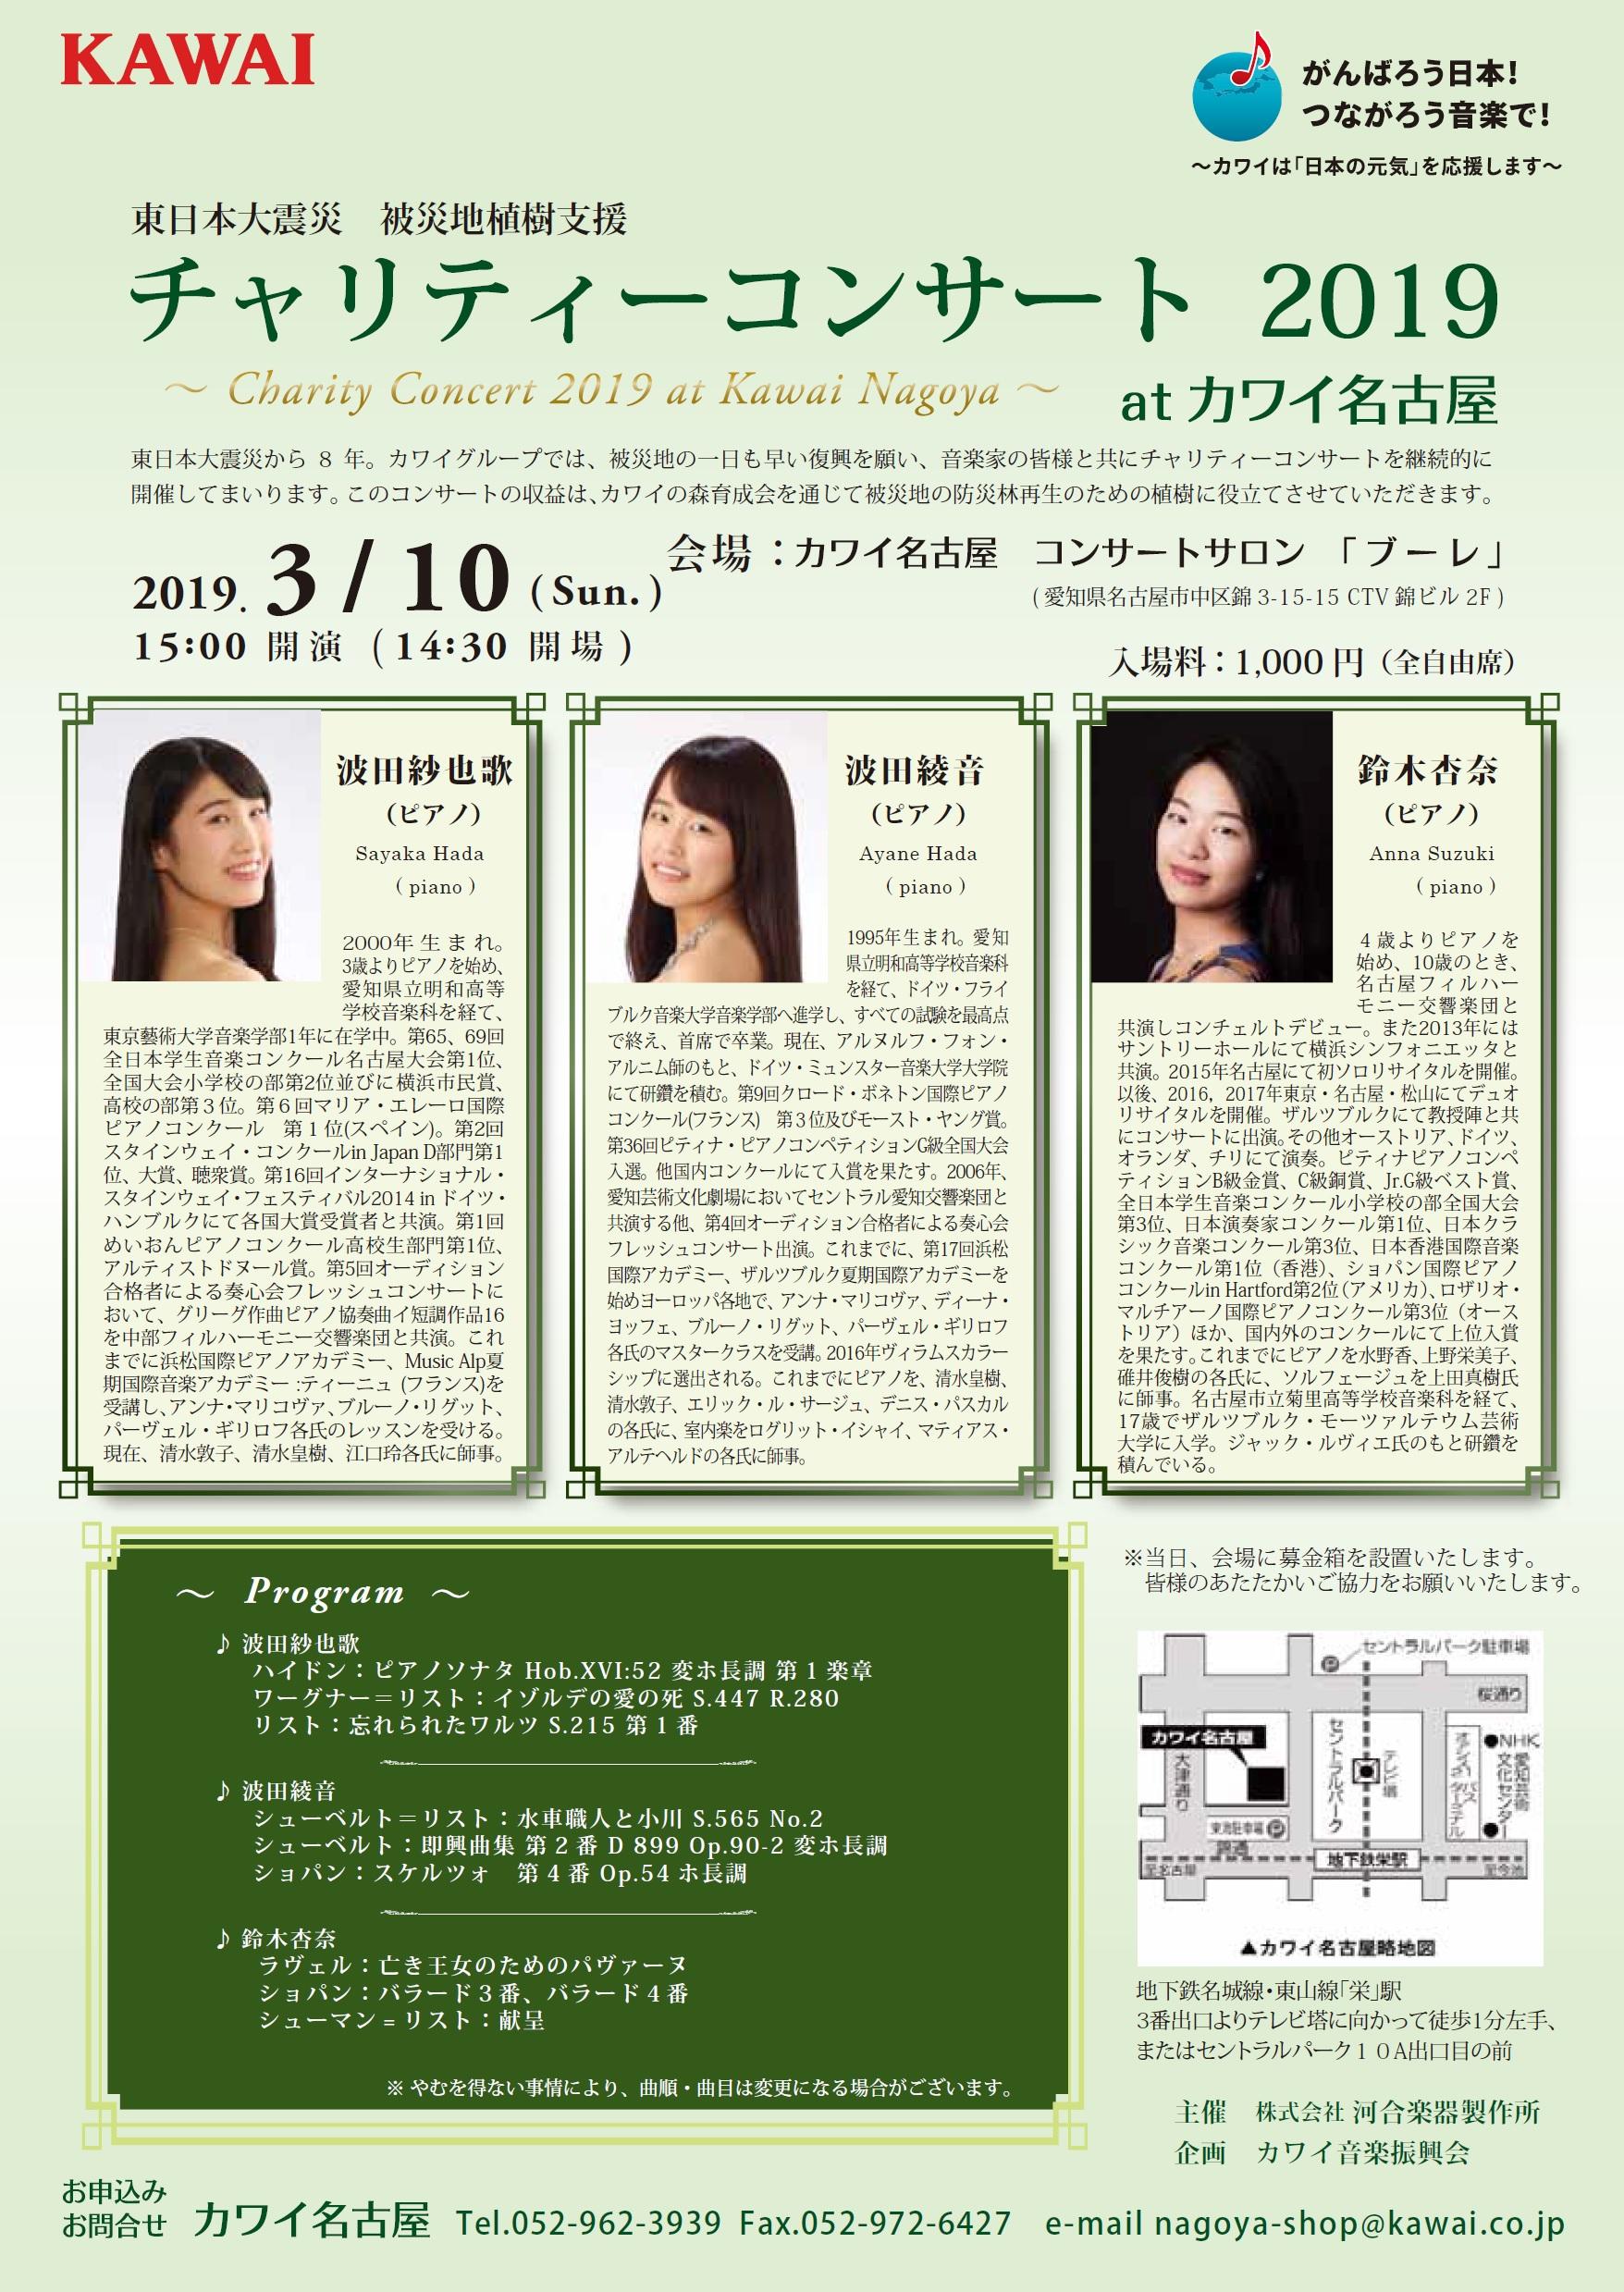 東日本大震災 被災地植樹支援 チャリティーコンサート2019 at カワイ名古屋